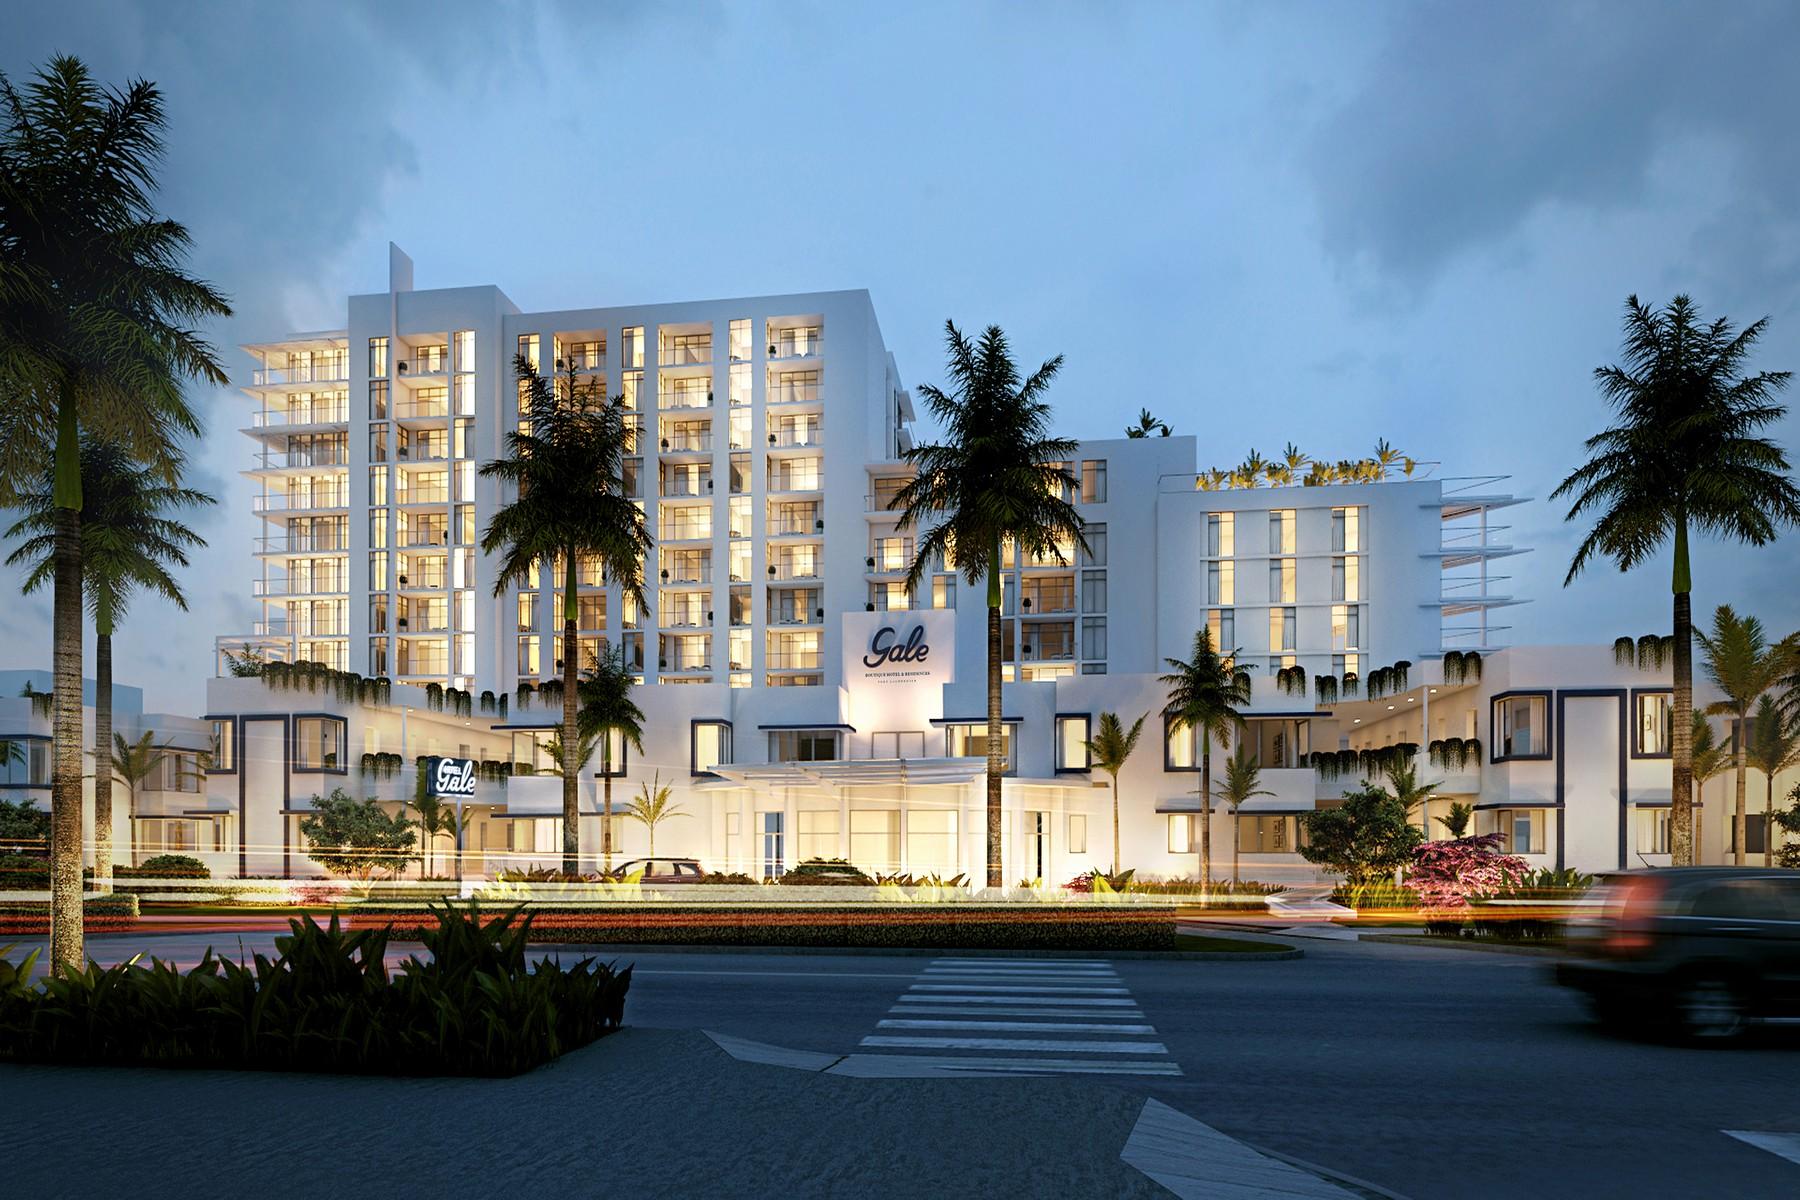 Apartamento para Venda às Gale Residences 2434 E Las Olas Blvd #502 Fort Lauderdale, Florida 33304 Estados Unidos